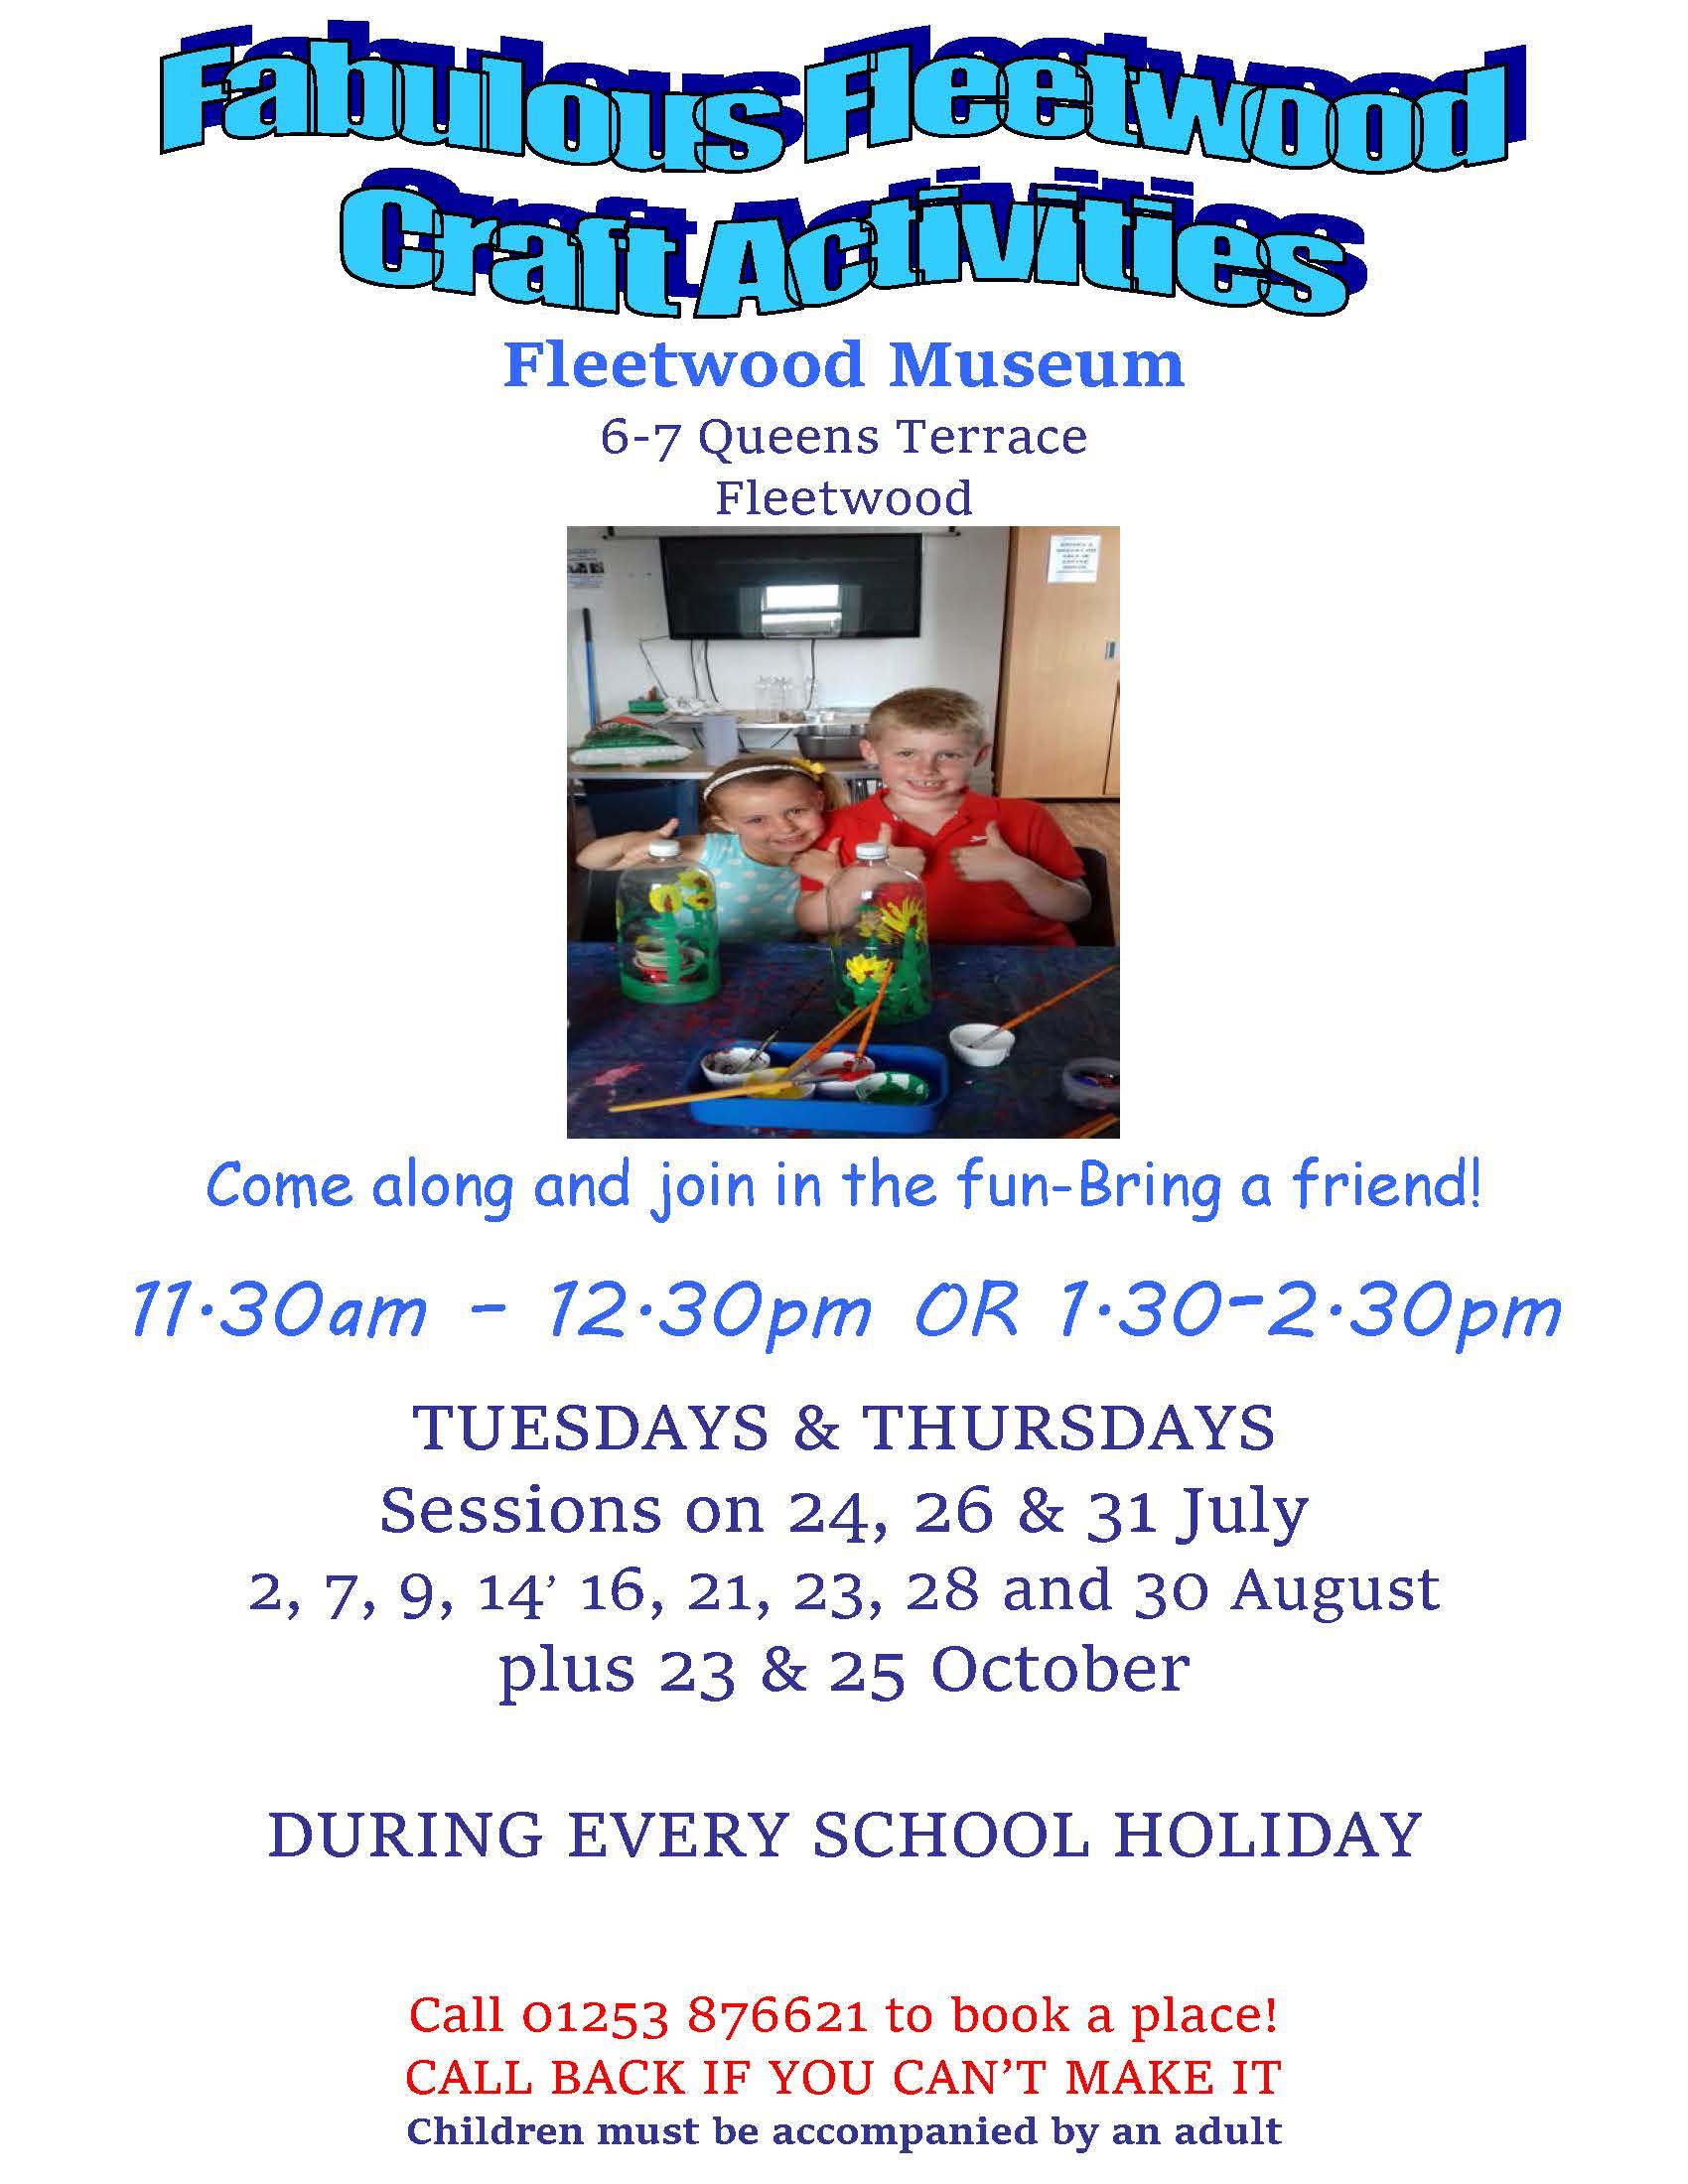 What's Happening at Fleetwood Museum - children's craft activities